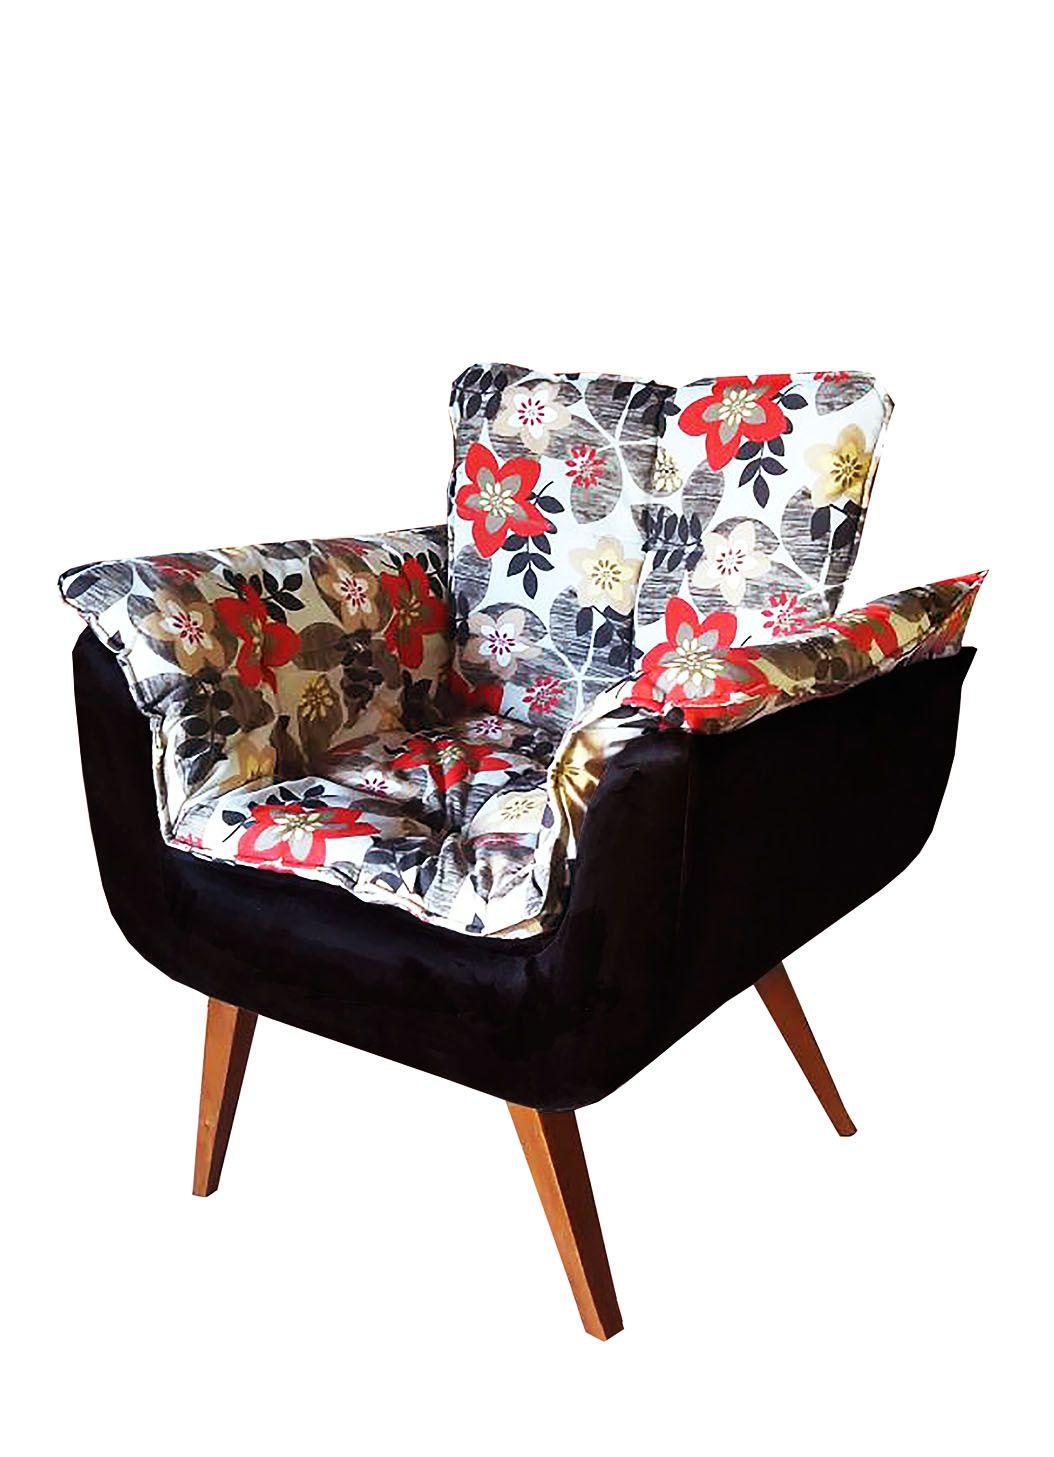 Poltrona Decorativa Opala Tecido Floral com Preto Pés Palito Cor Imbuia - Casa dos Móveis Ubá